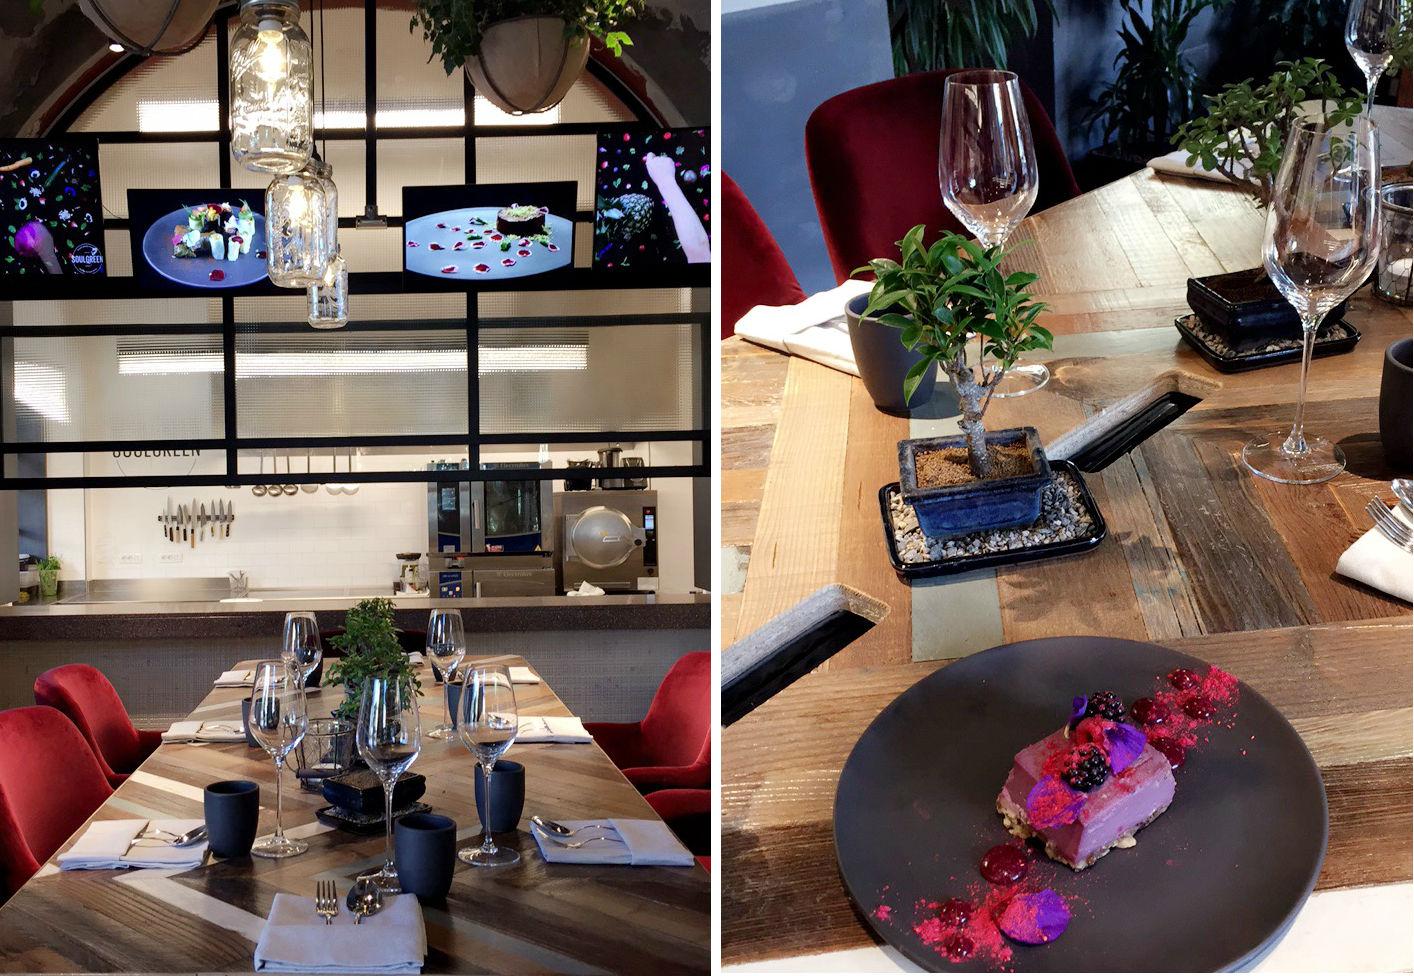 Westwing, Soulgreen, Cucina, Giardino, Ispirazioni, Design, Viaggio, Milano, Ricette